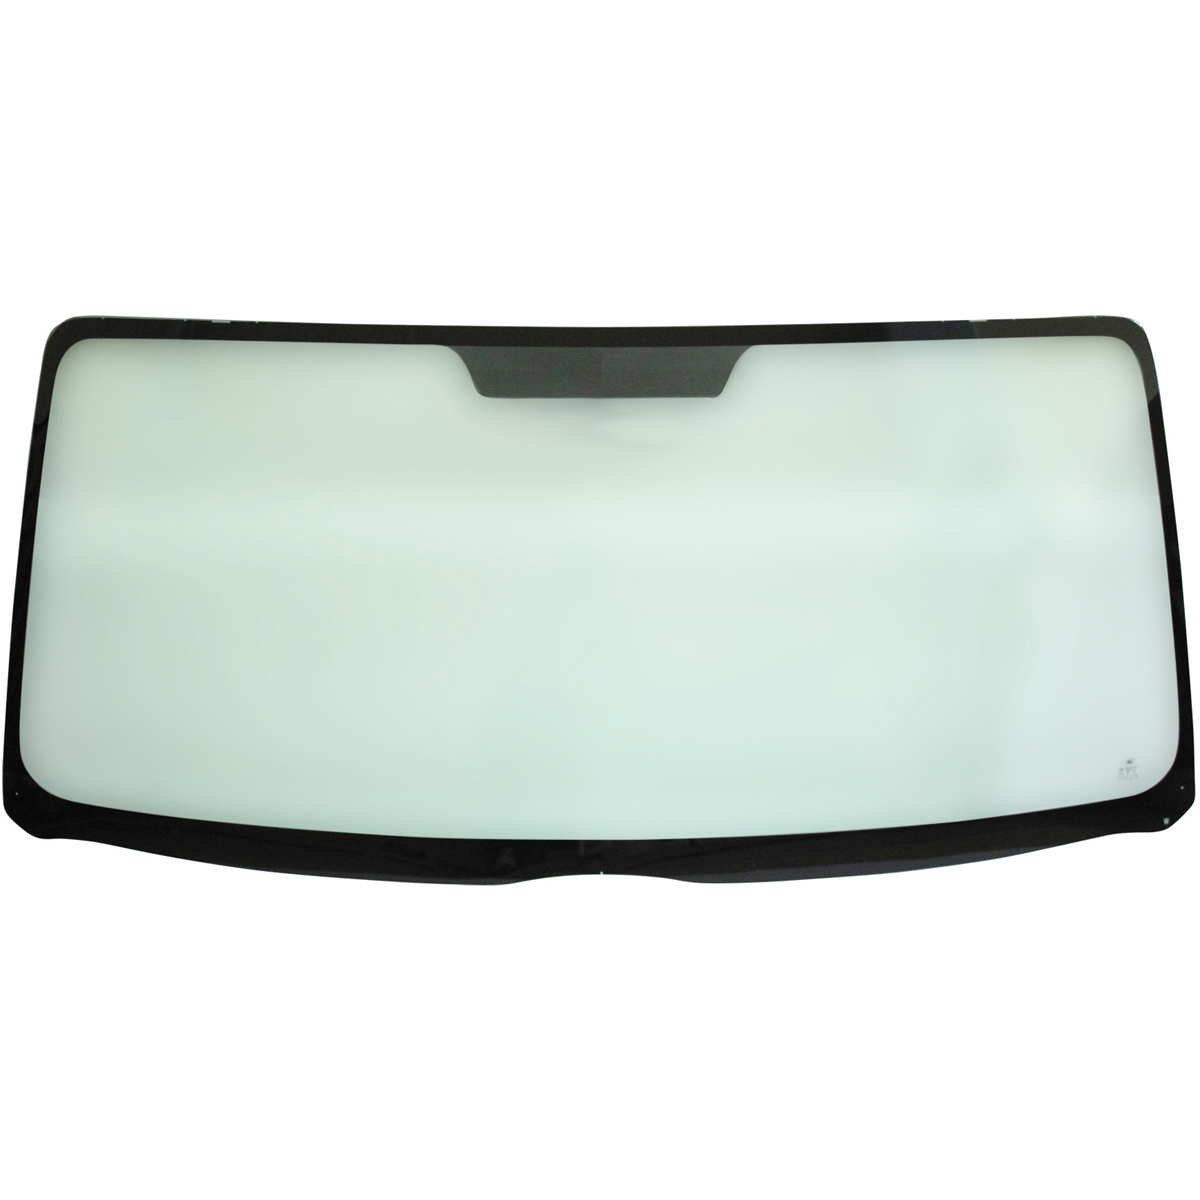 BMW ミニ クロスオーバー 5D SUV用フロントガラス 車両型式:F60 年式:H.29- ガラス型式: ガラス色:グリーン